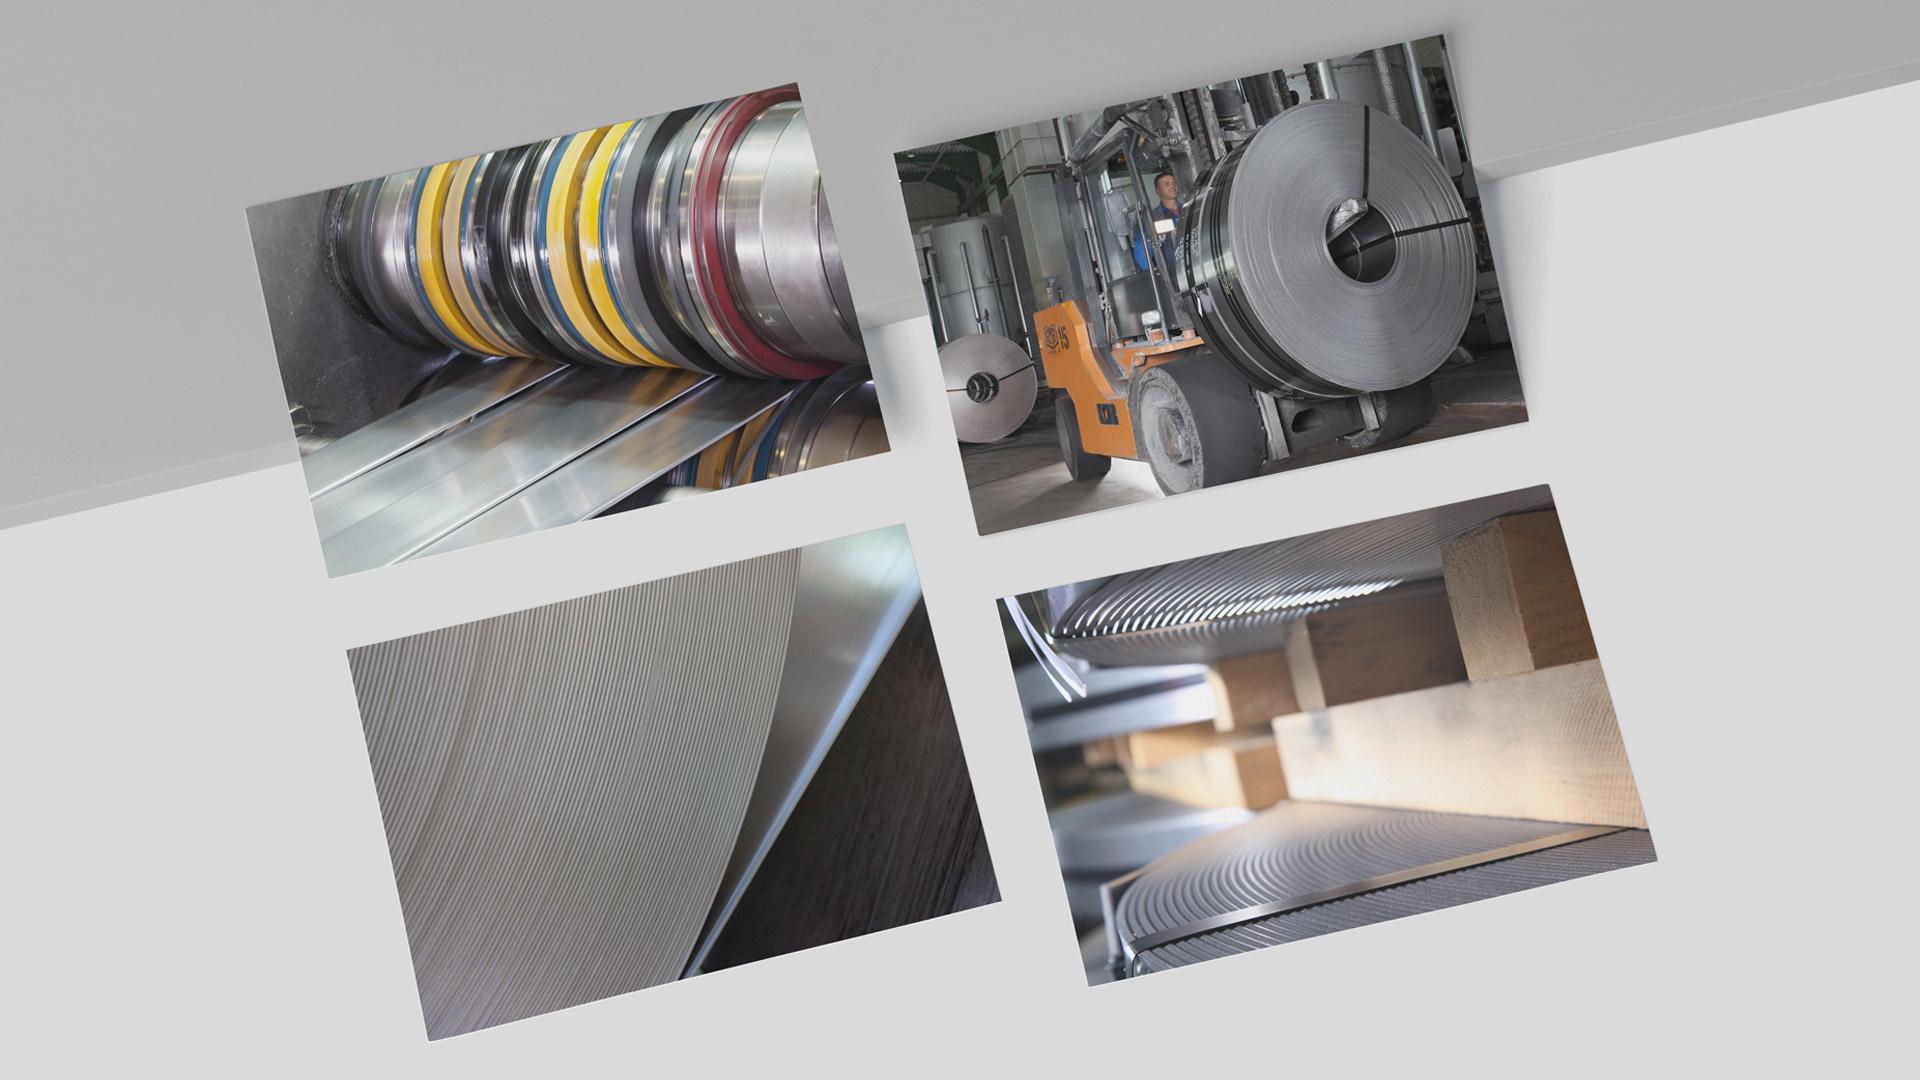 Fotoshooting von Produkten und Material im industriellen Kontext